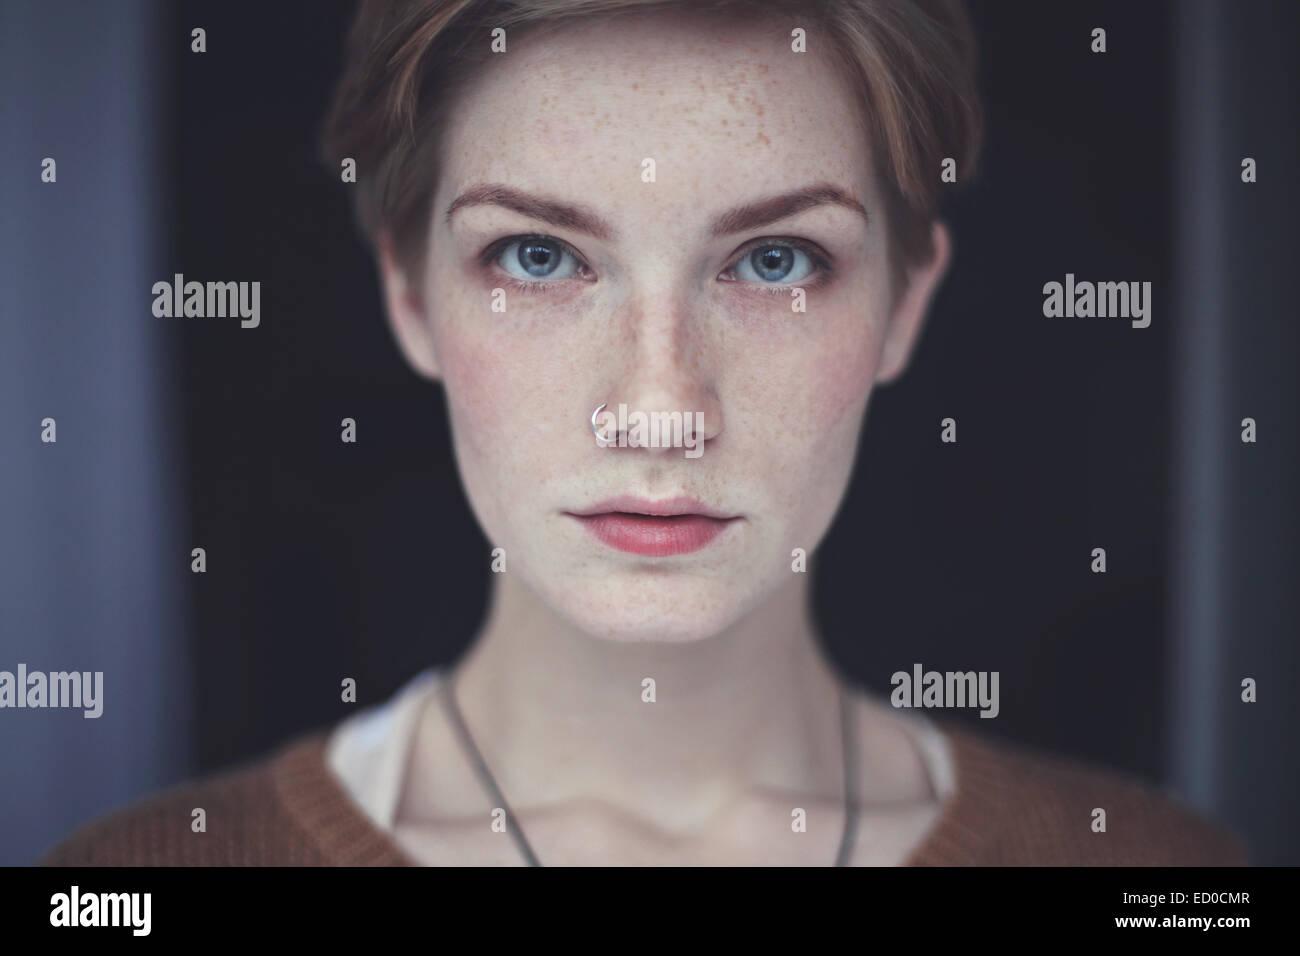 Portrait de femme avec des taches de rousseur Photo Stock